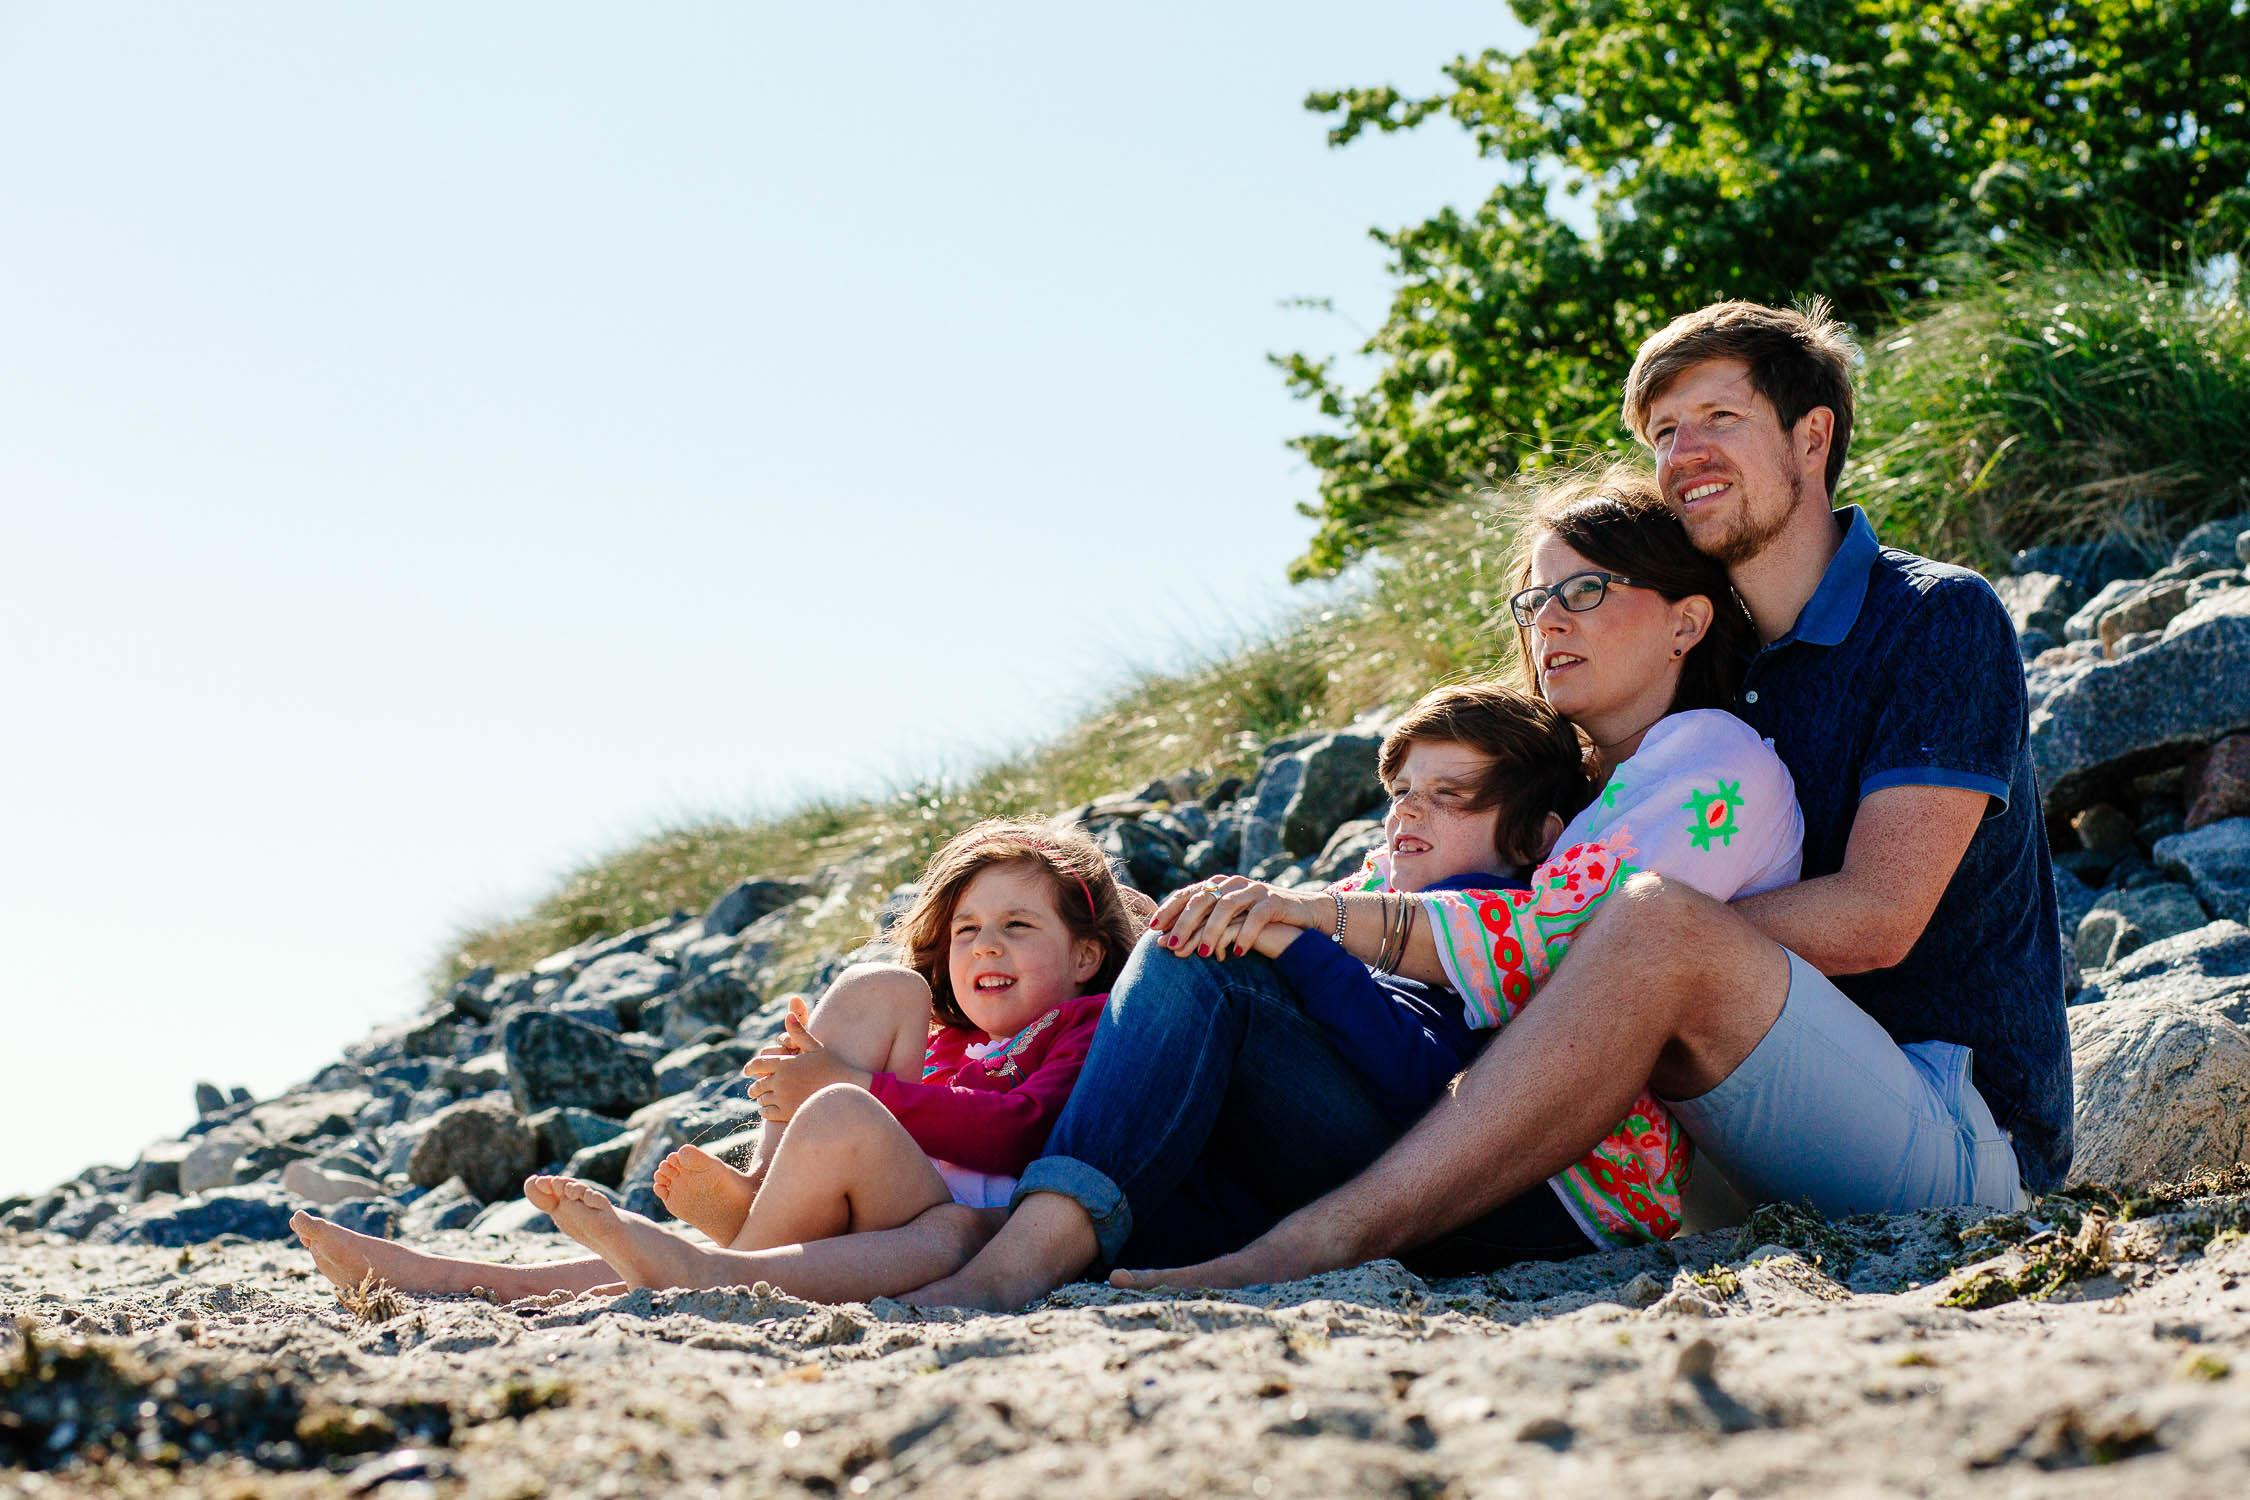 Familien Fotoshooting in Pelzerhaken 17